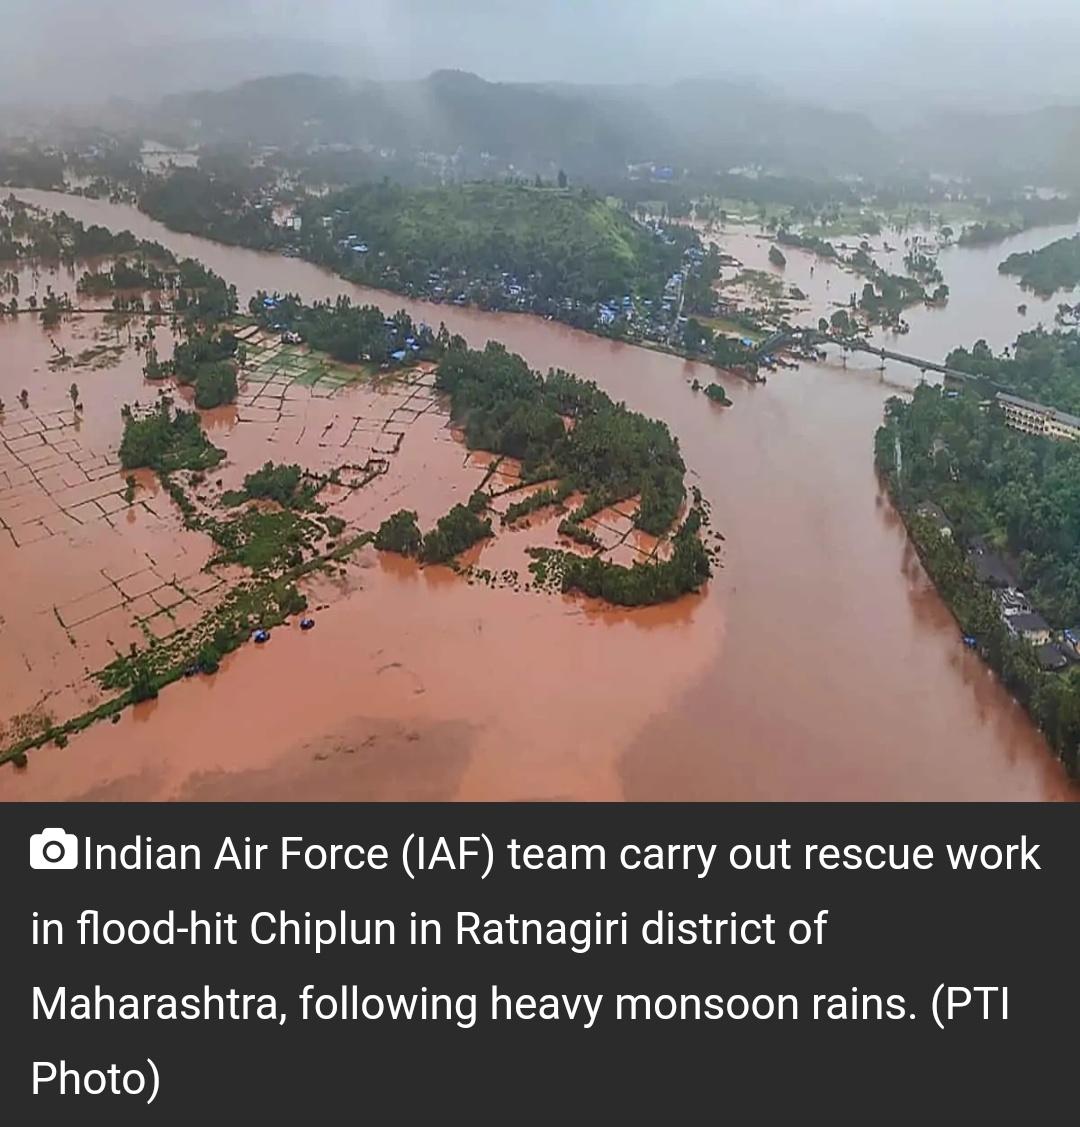 महाराष्ट्र बाढ़ में 76 मरे, 30 लापता; प्रभावित इलाकों का दौरा करेंगे सीएम 5